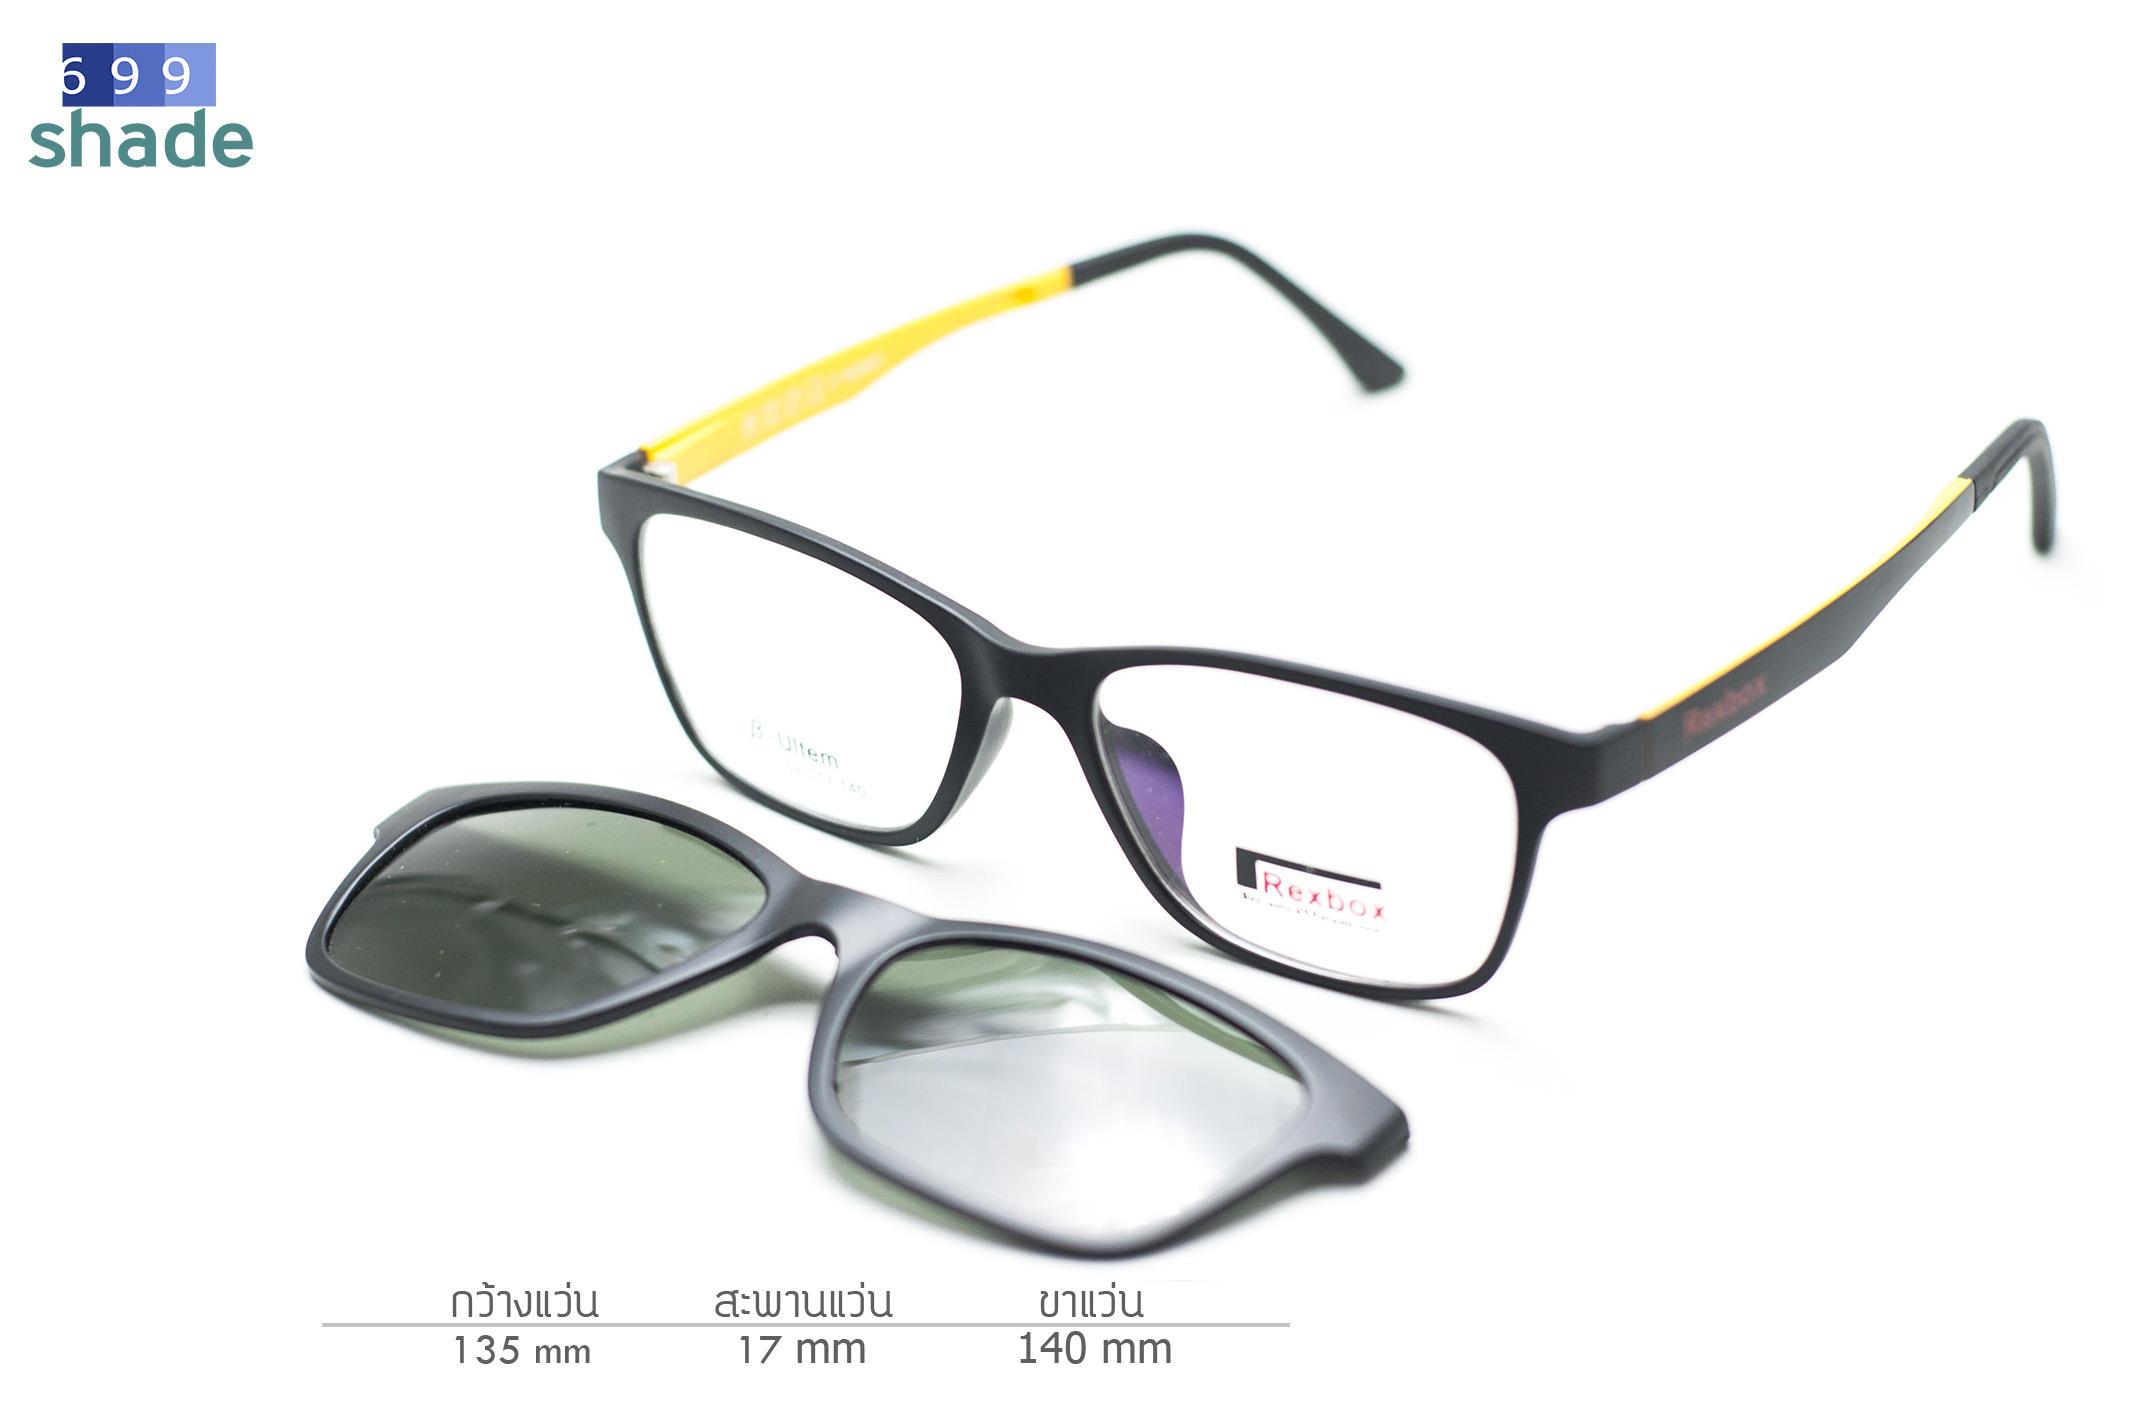 Rexbox Ex2 แว่นคลิปออนแม่เหล็ก [สีดำเหลือง]